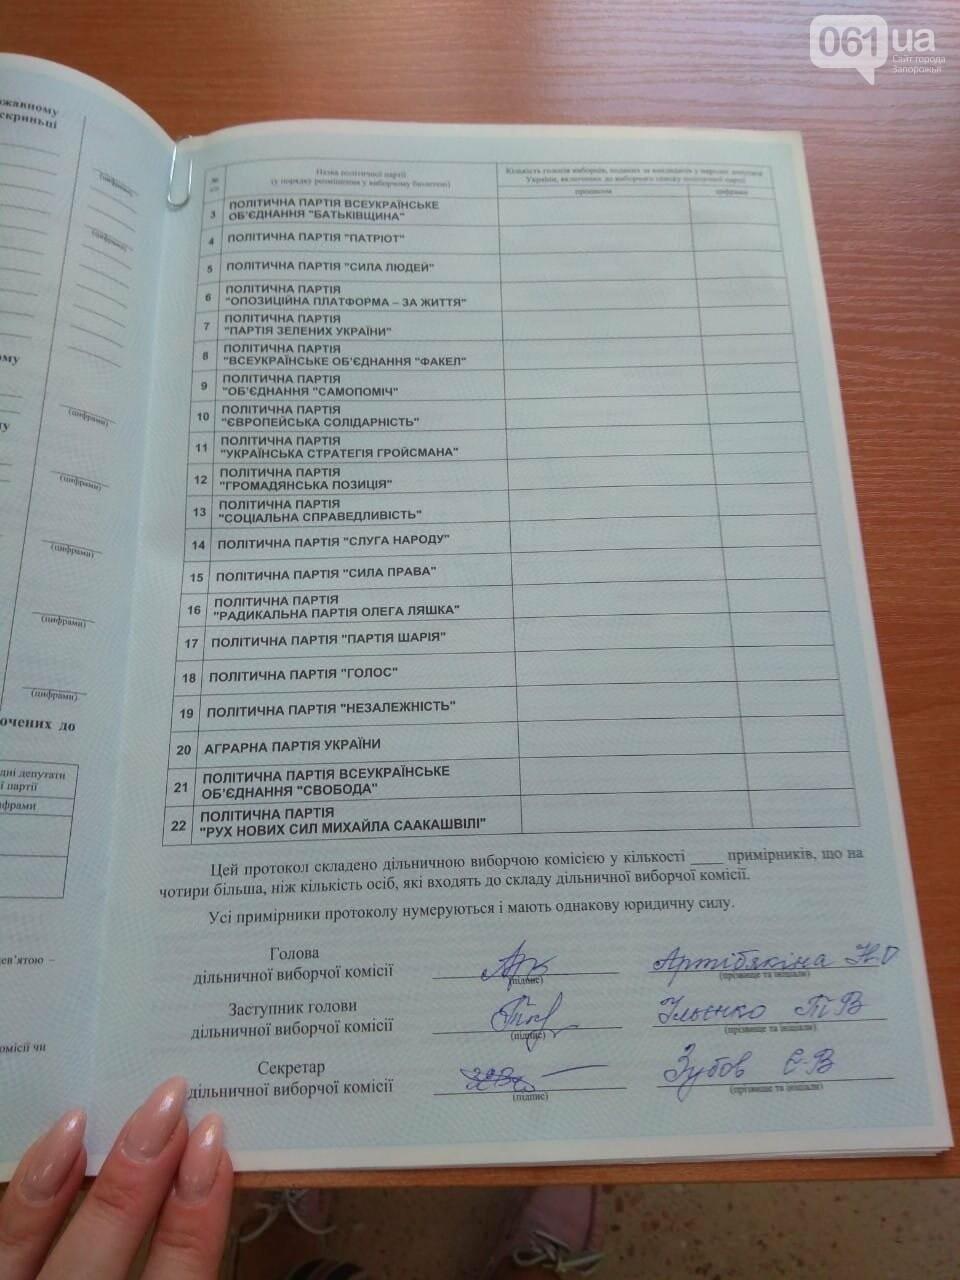 В Мелитополе открыли уголовное дело по факту фальсификации избирательных документов, фото-2